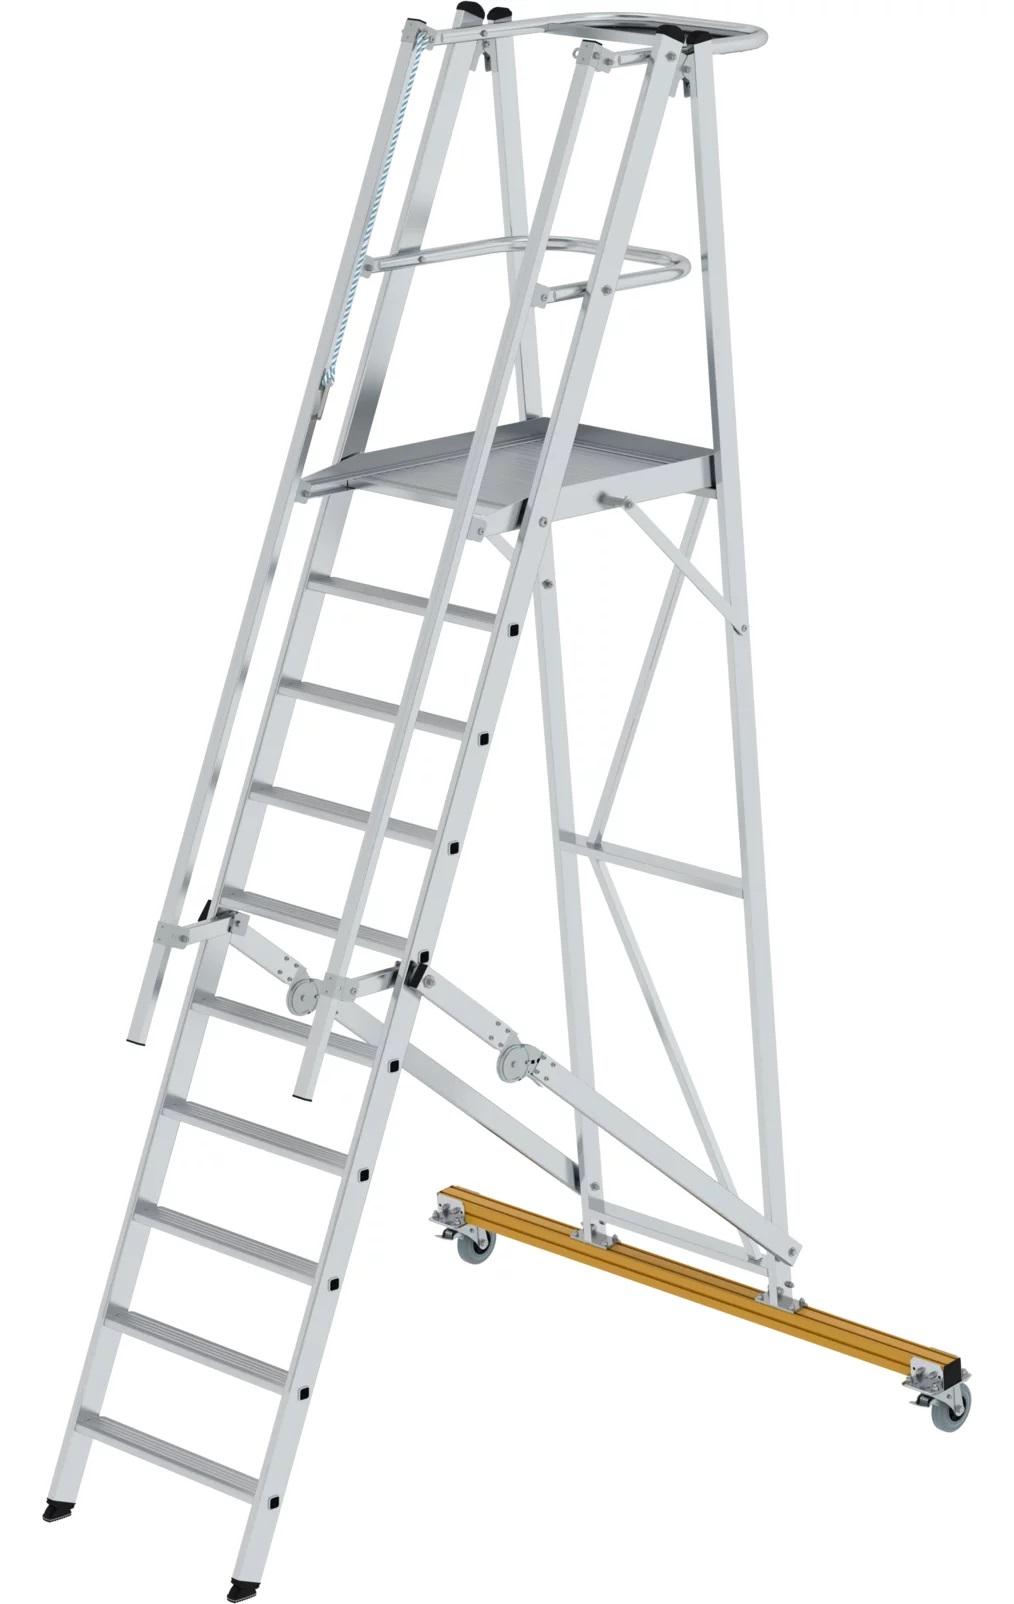 Aluminium platformtrap, verrijdbaar en klapbaar